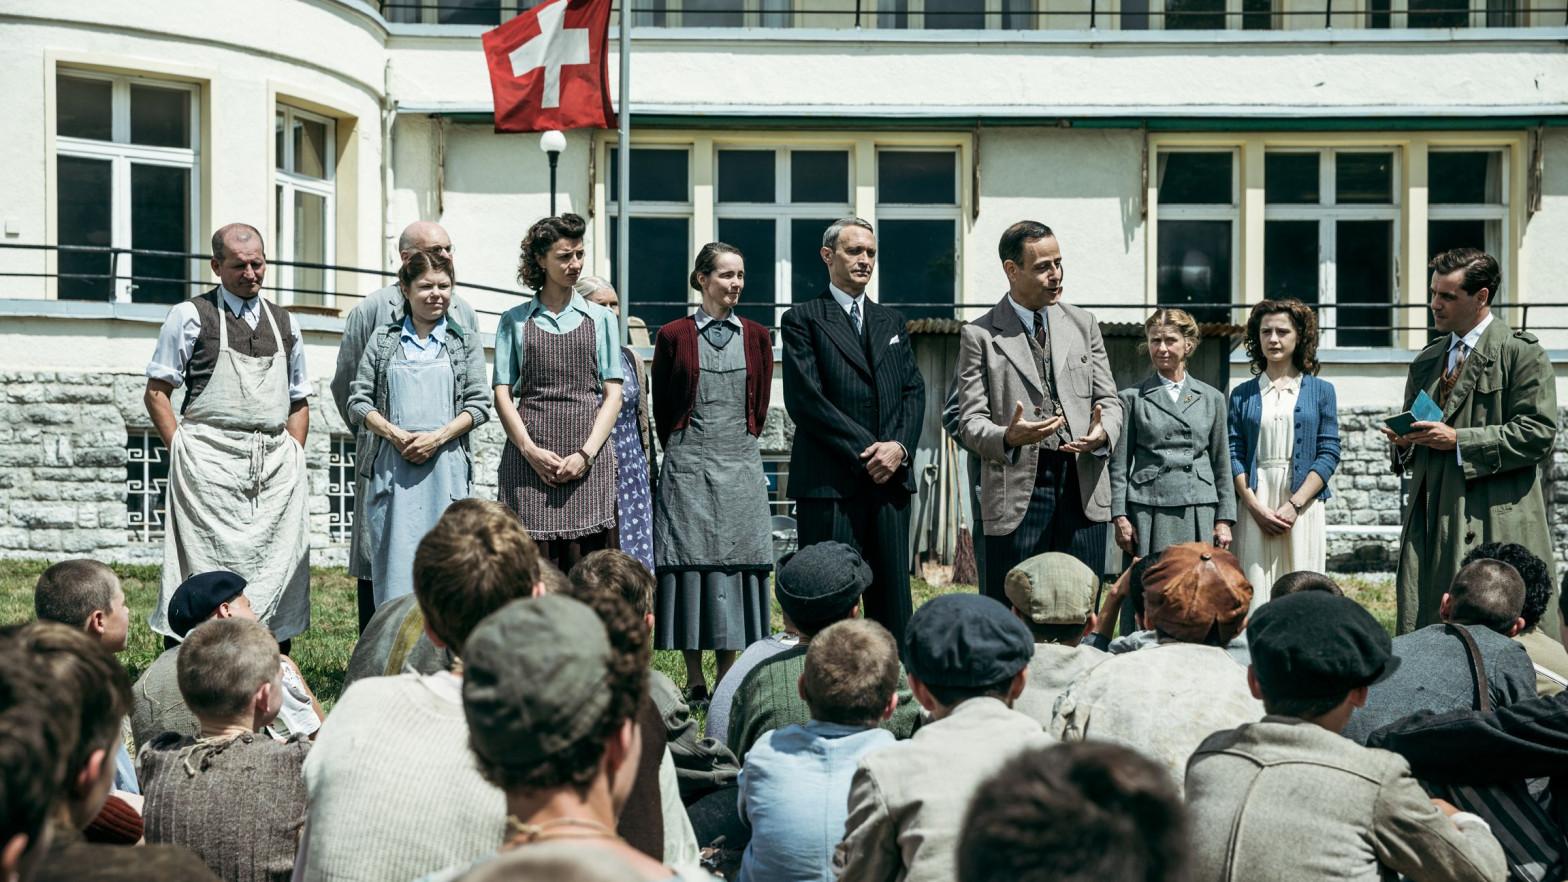 Una serie destapa el pasado antisemita de Suiza tras la Segunda Guerra Mundial